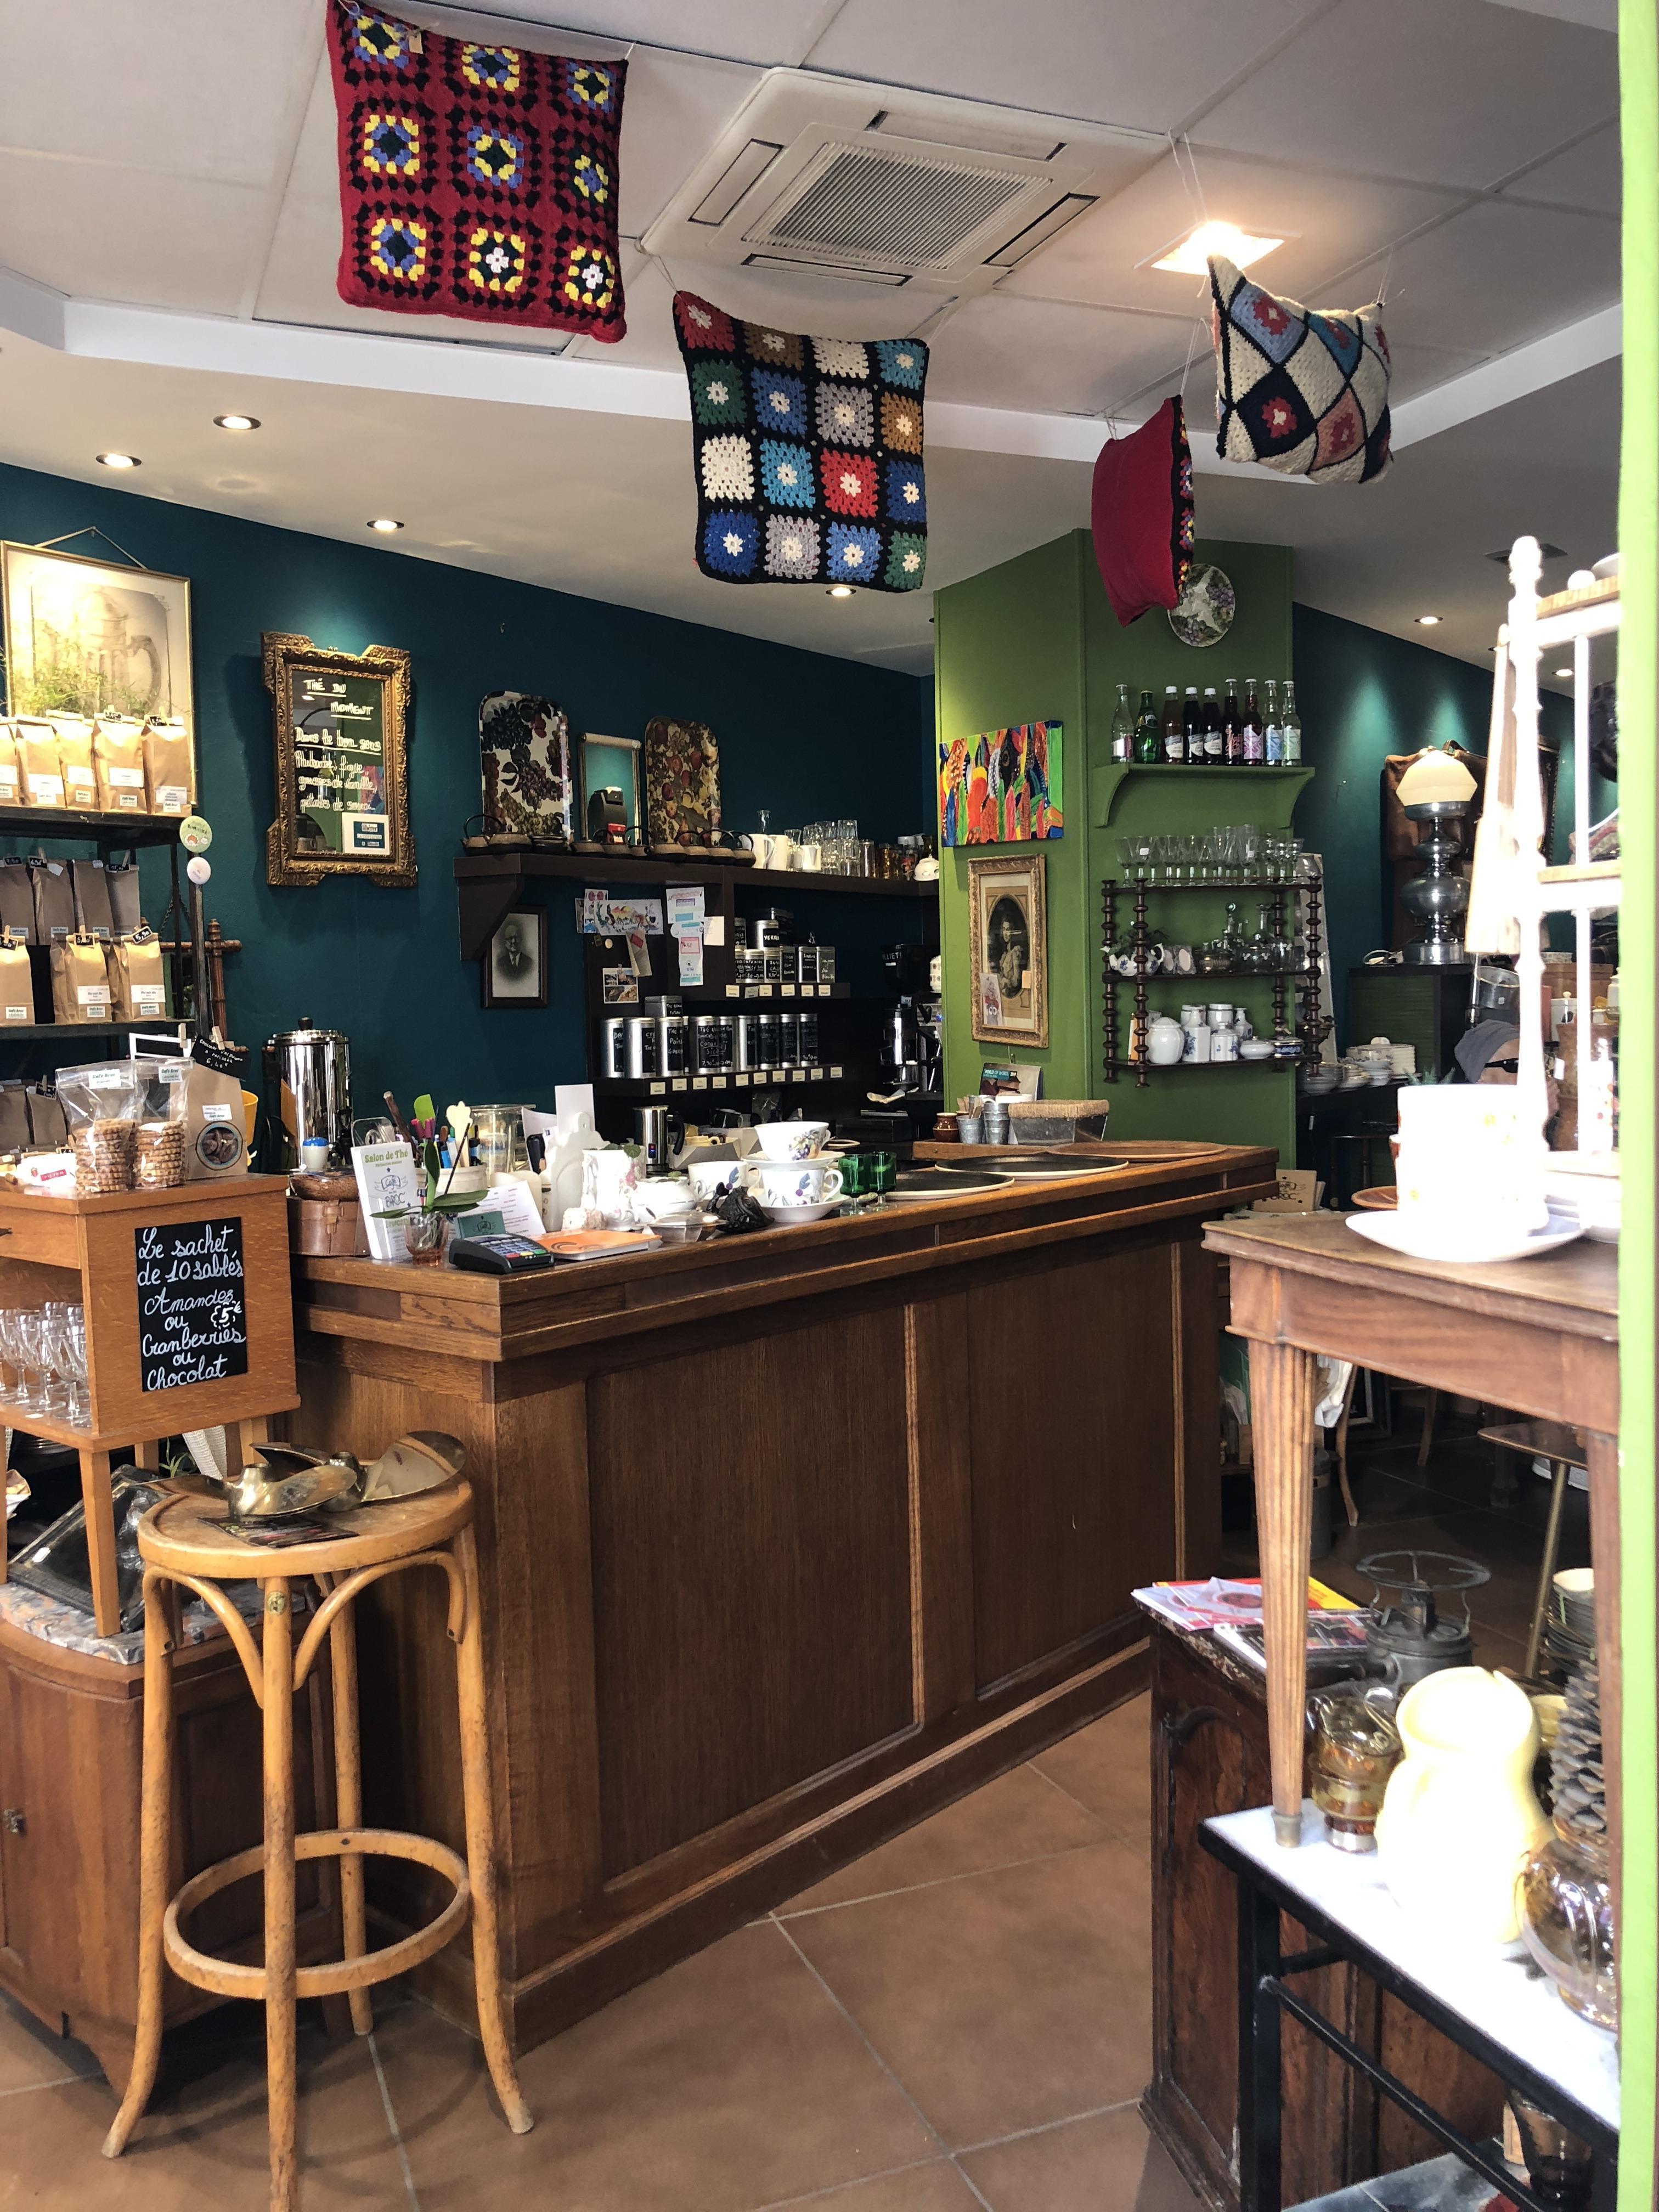 Même le bar a été chiné au marché aux puces de Villeurbanne.